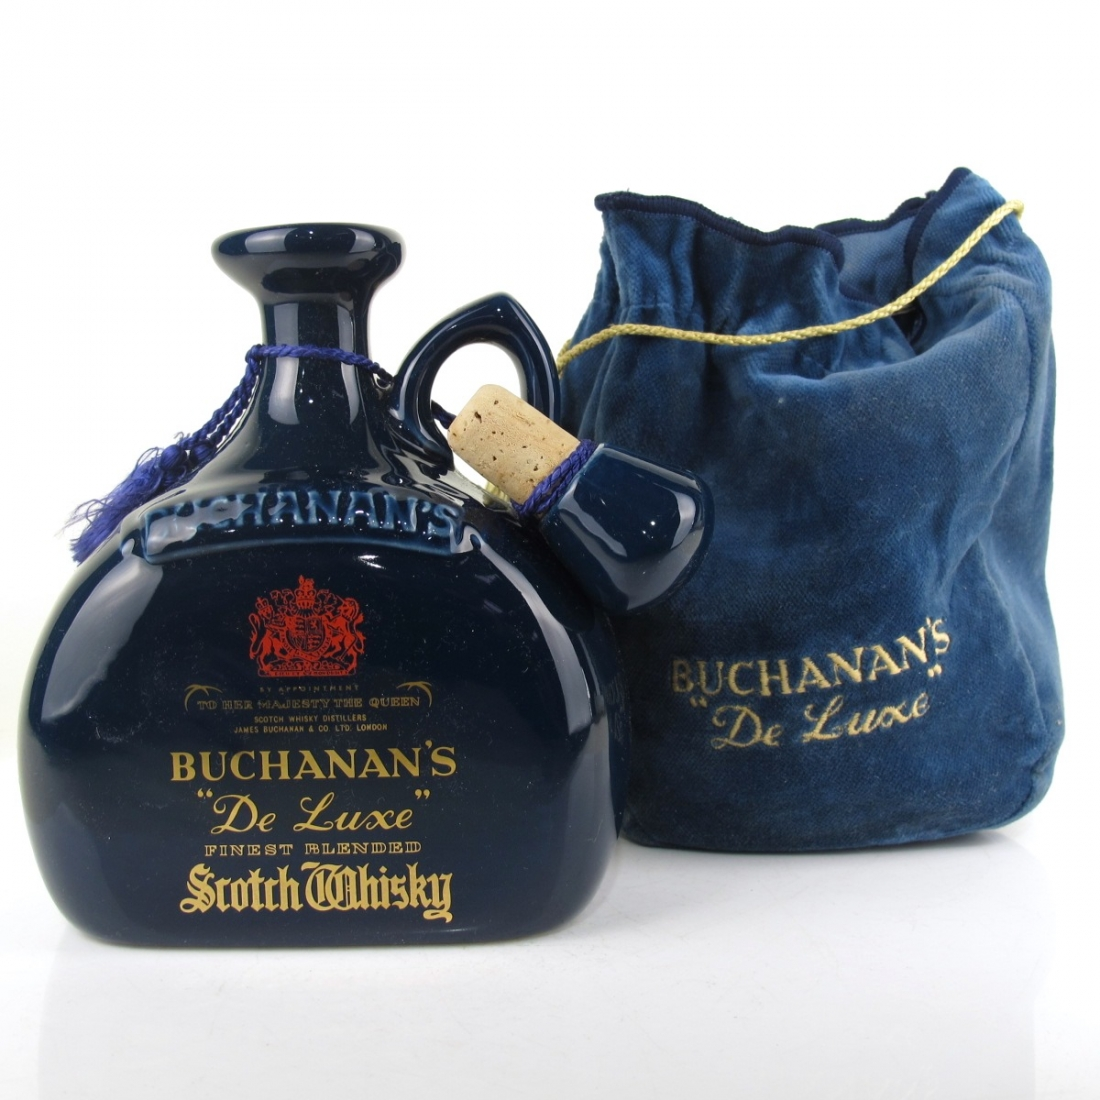 Buchanan's De Luxe Presentation Flagon